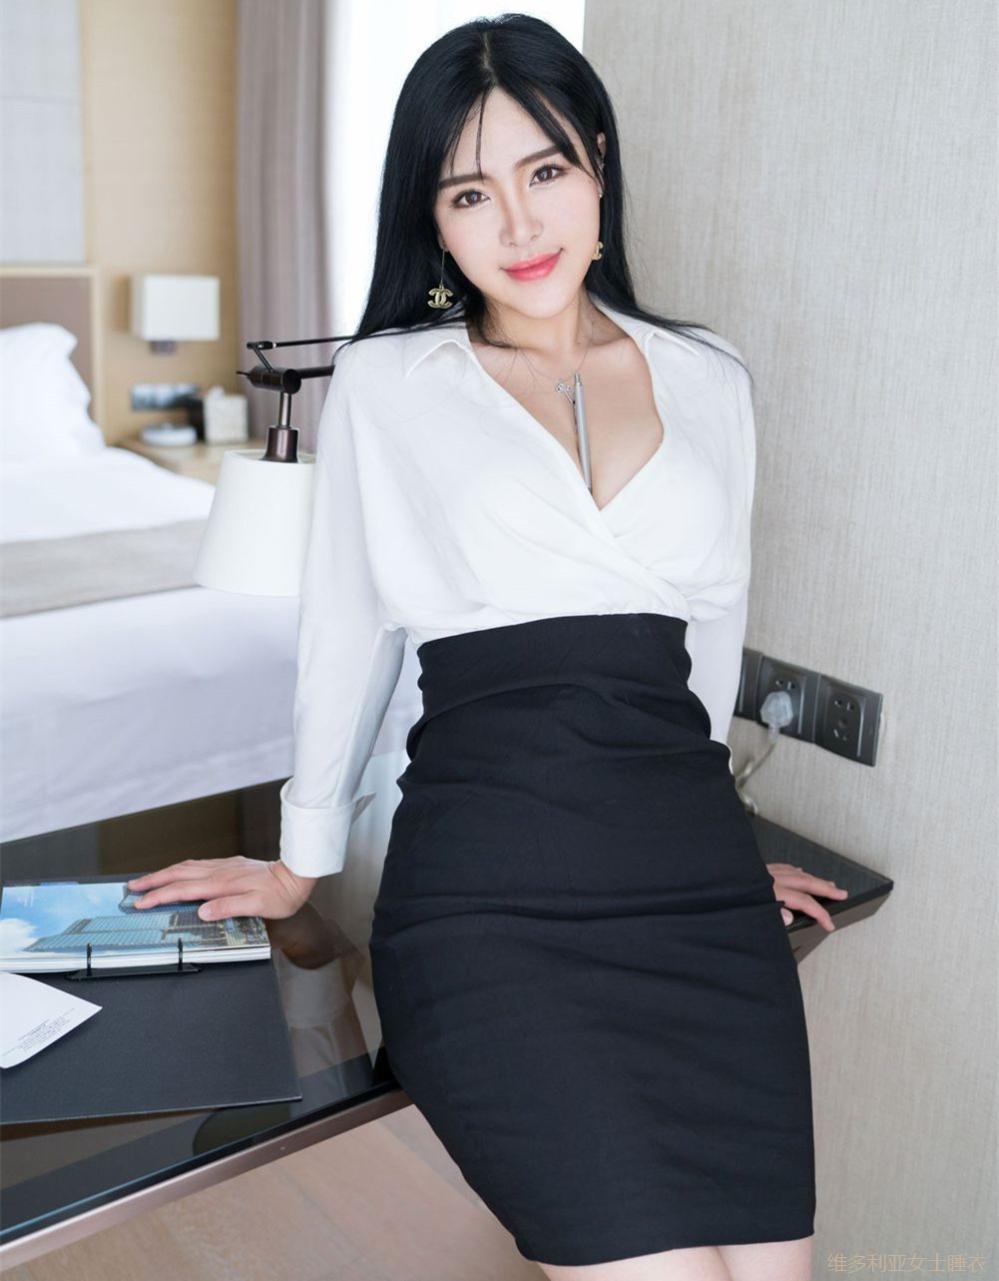 丰腴身材的女秘书穿高腰包臀裙尽显妩媚感, 老板特别赏识 1